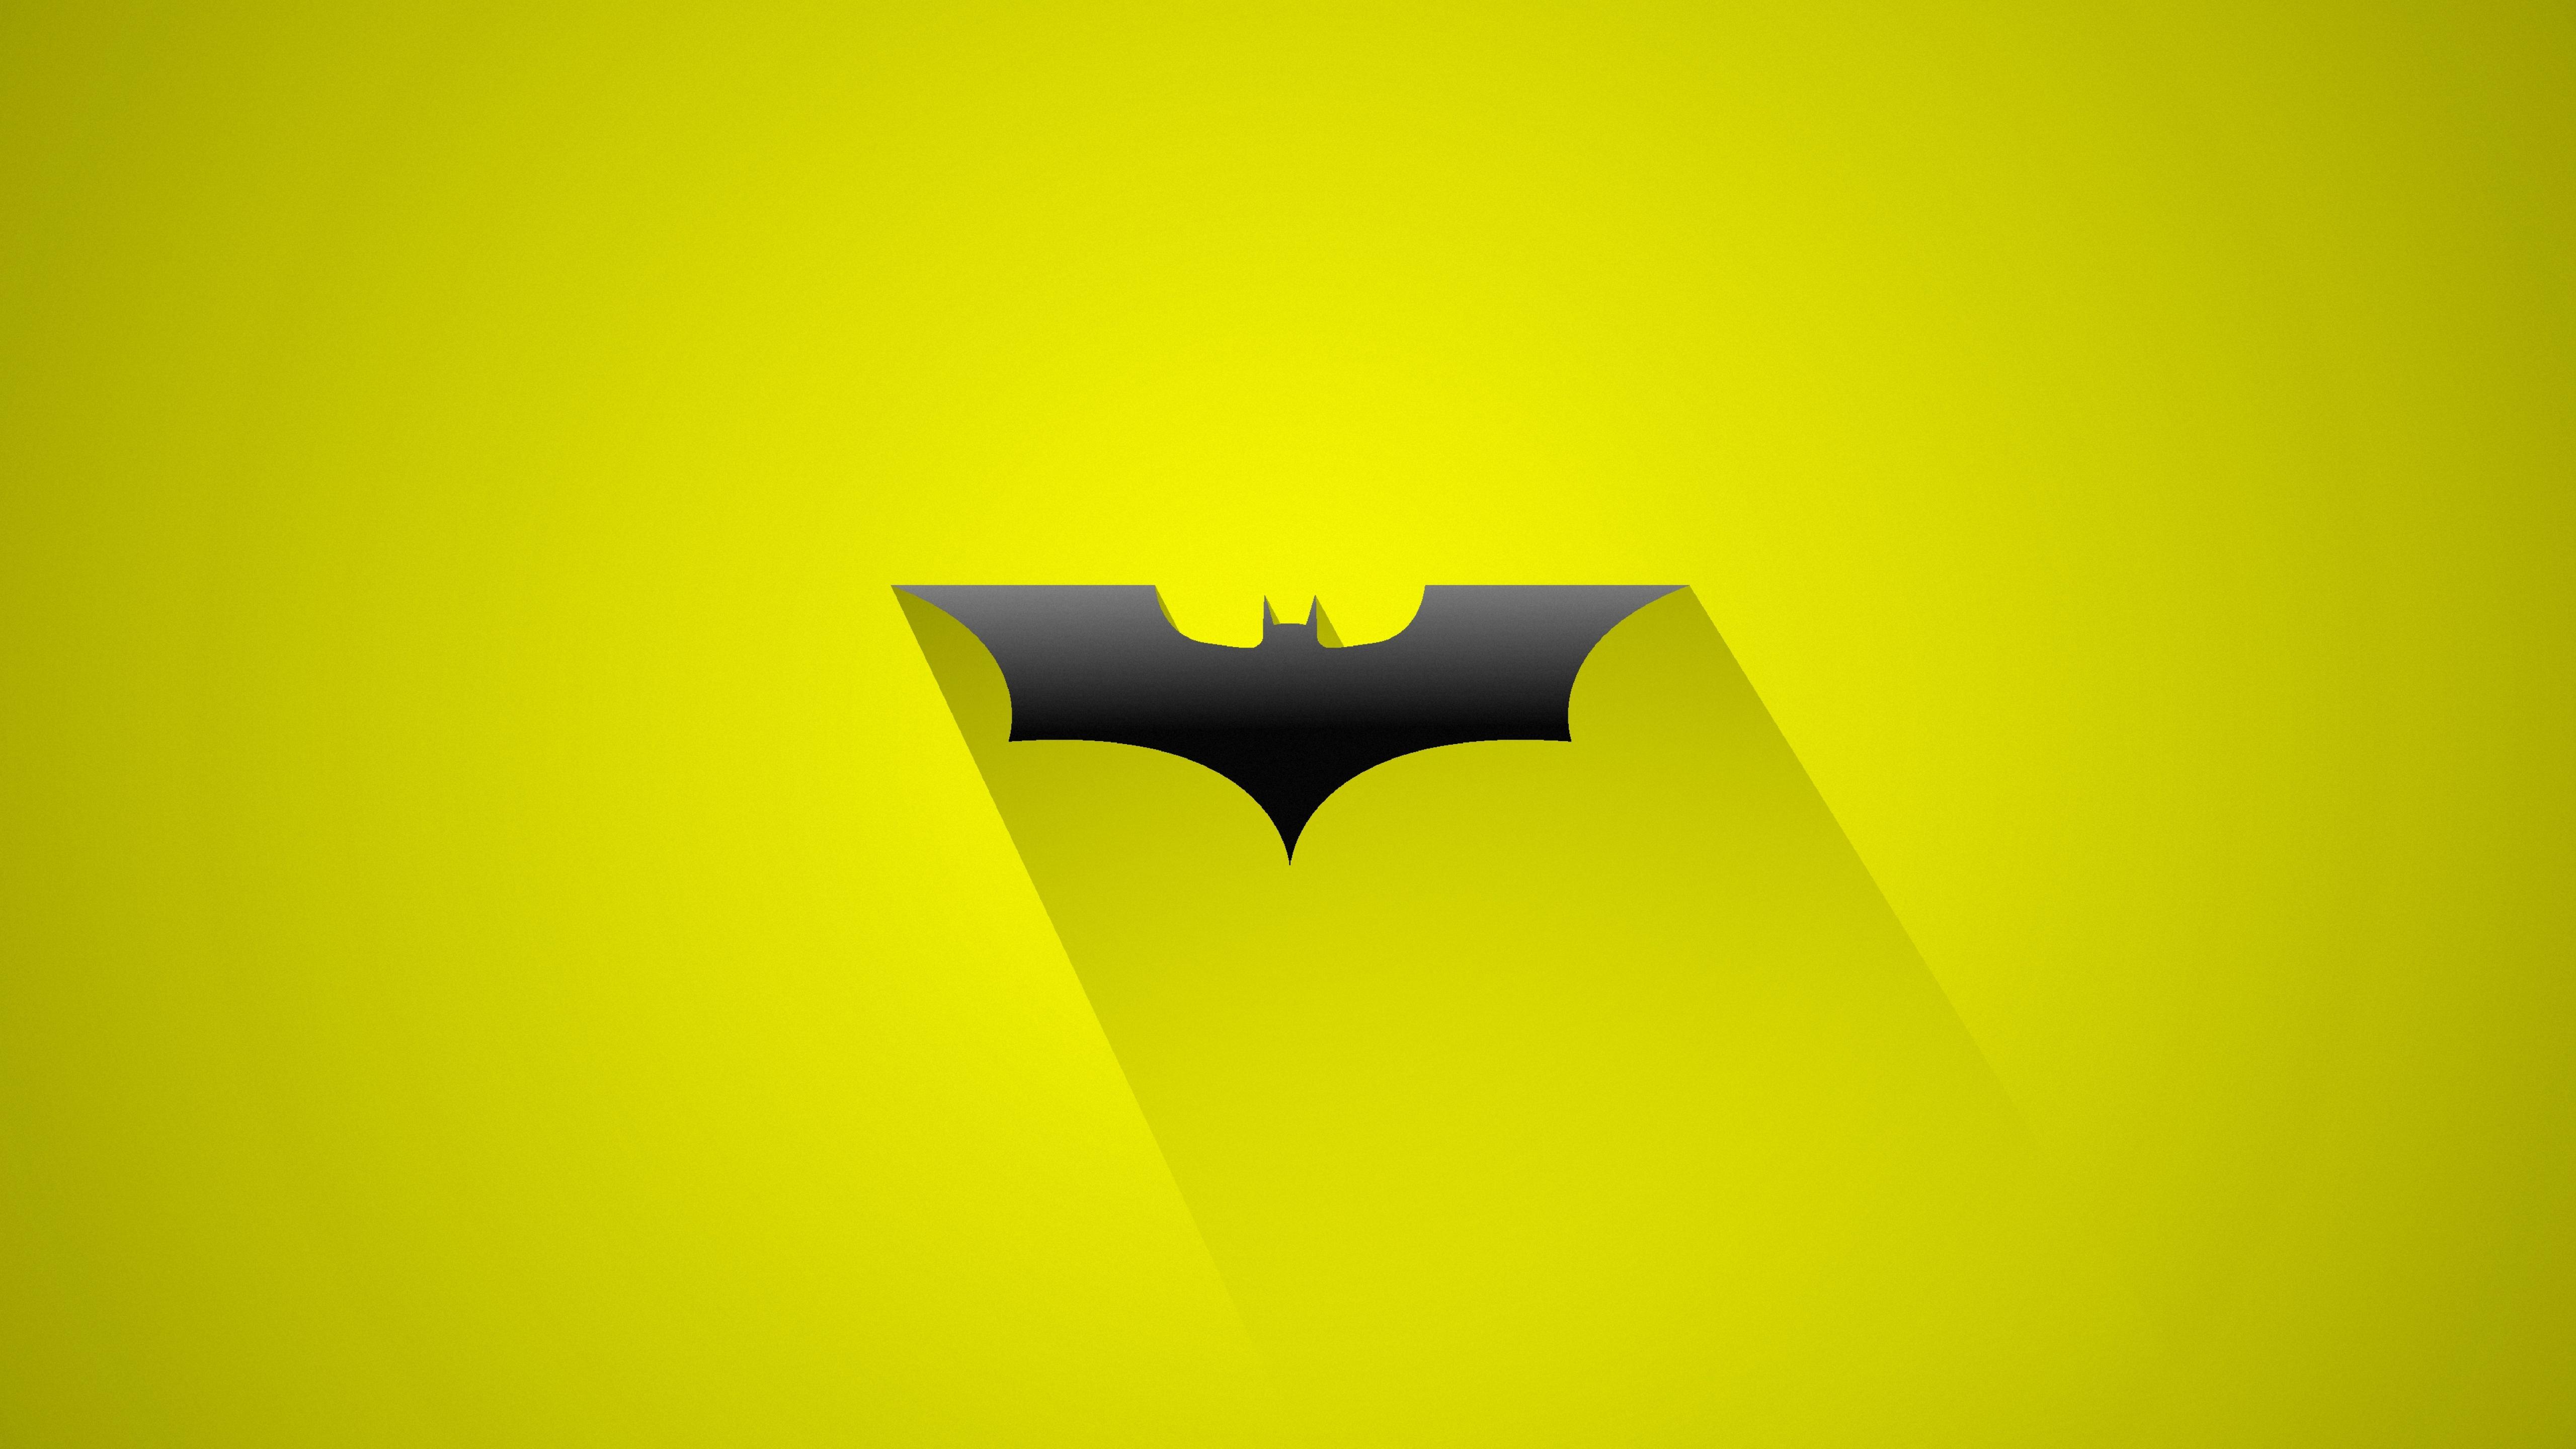 4k Resolution Batman Wallpaper 4k Android - Images   Slike